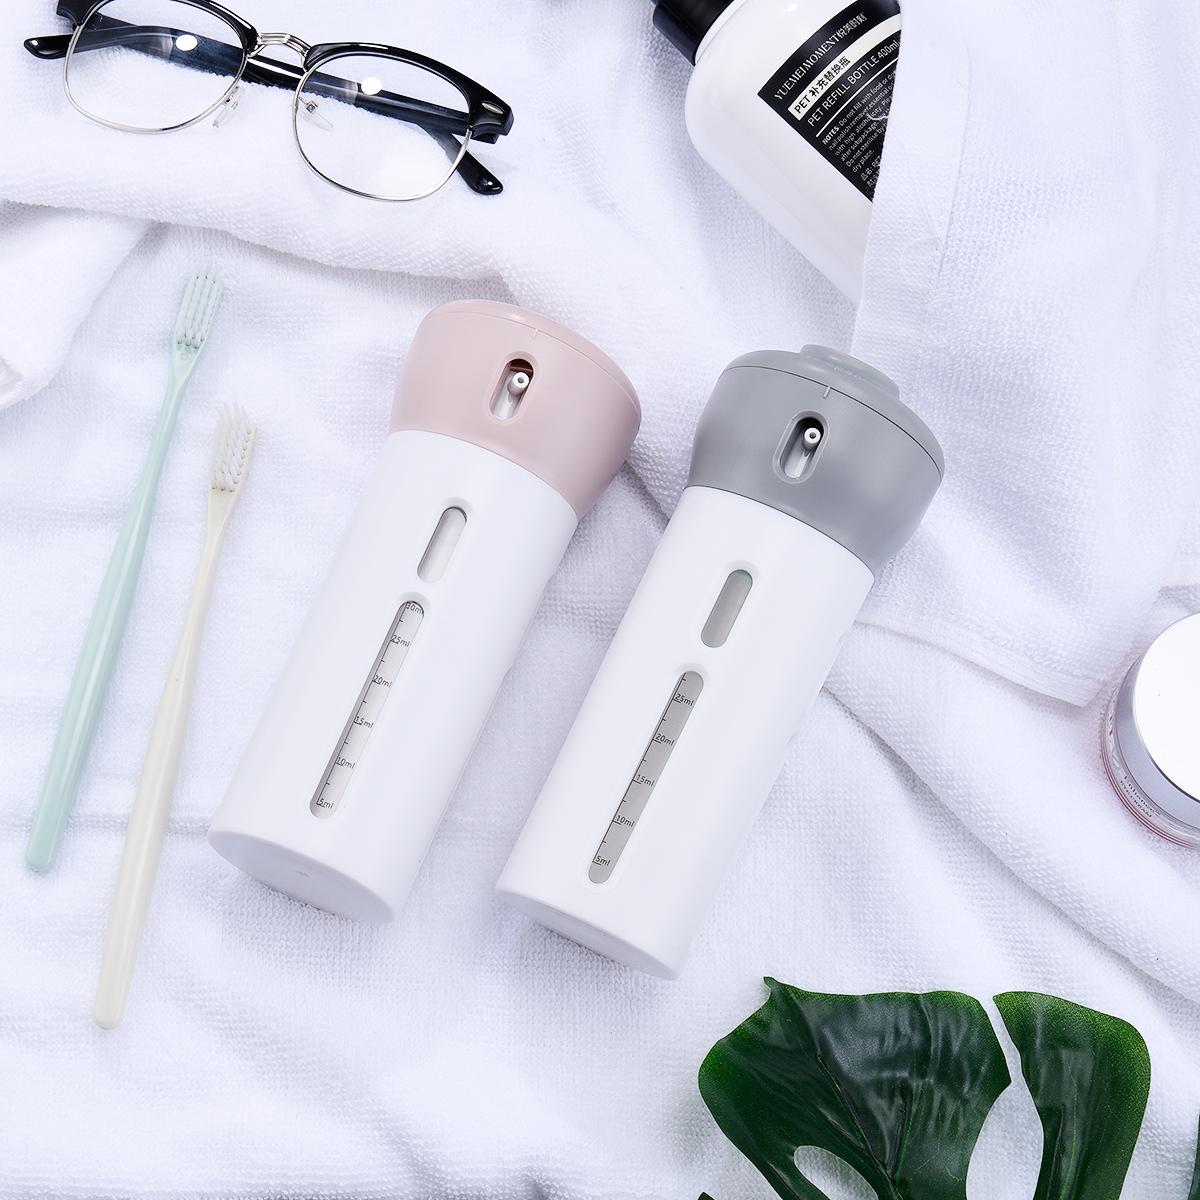 旅行分装瓶便携化妆品分装瓶出差空瓶子旅行套装护肤喷瓶旅行神器